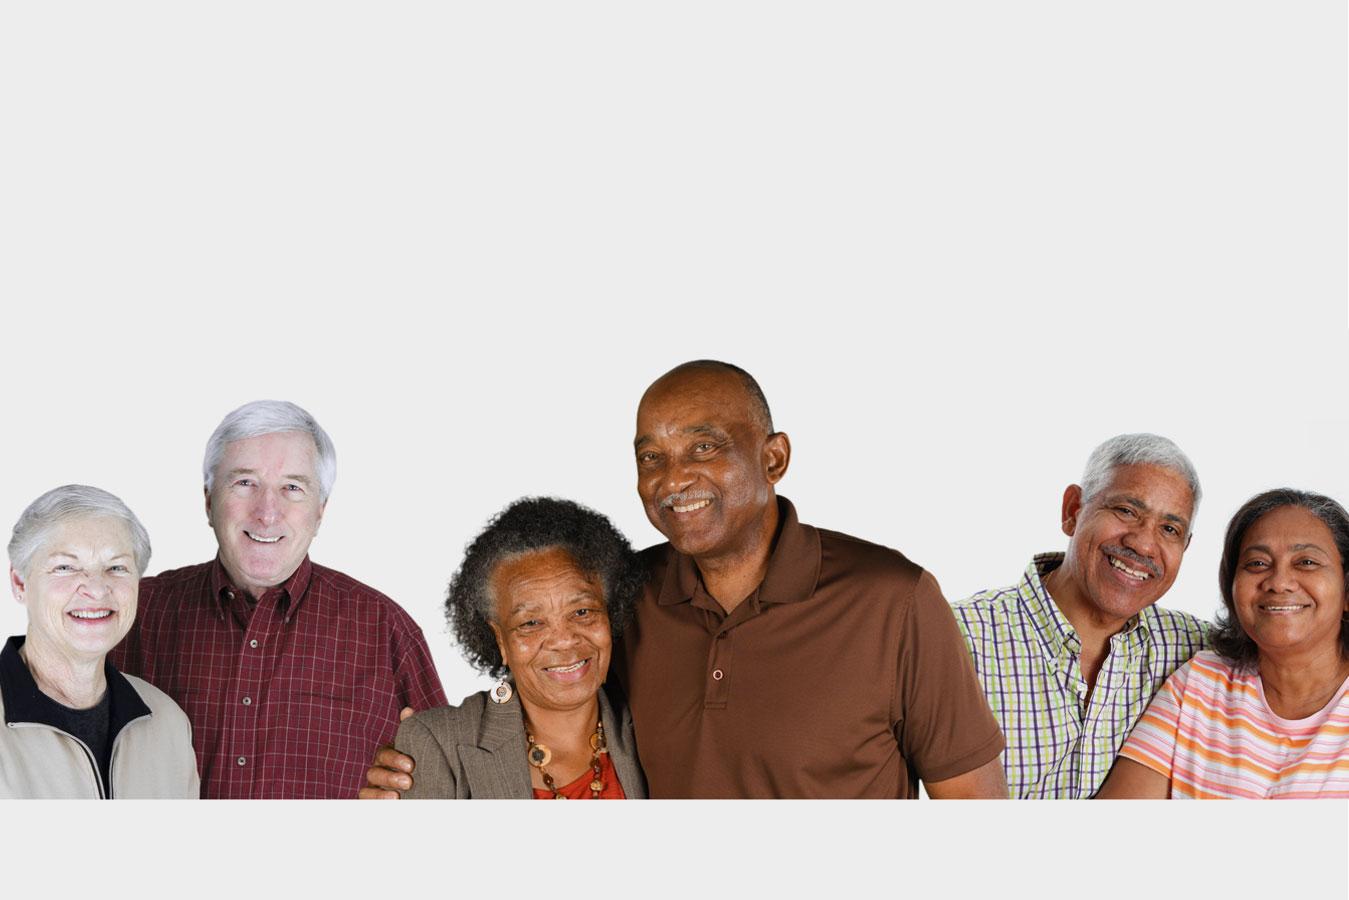 couples-elderly